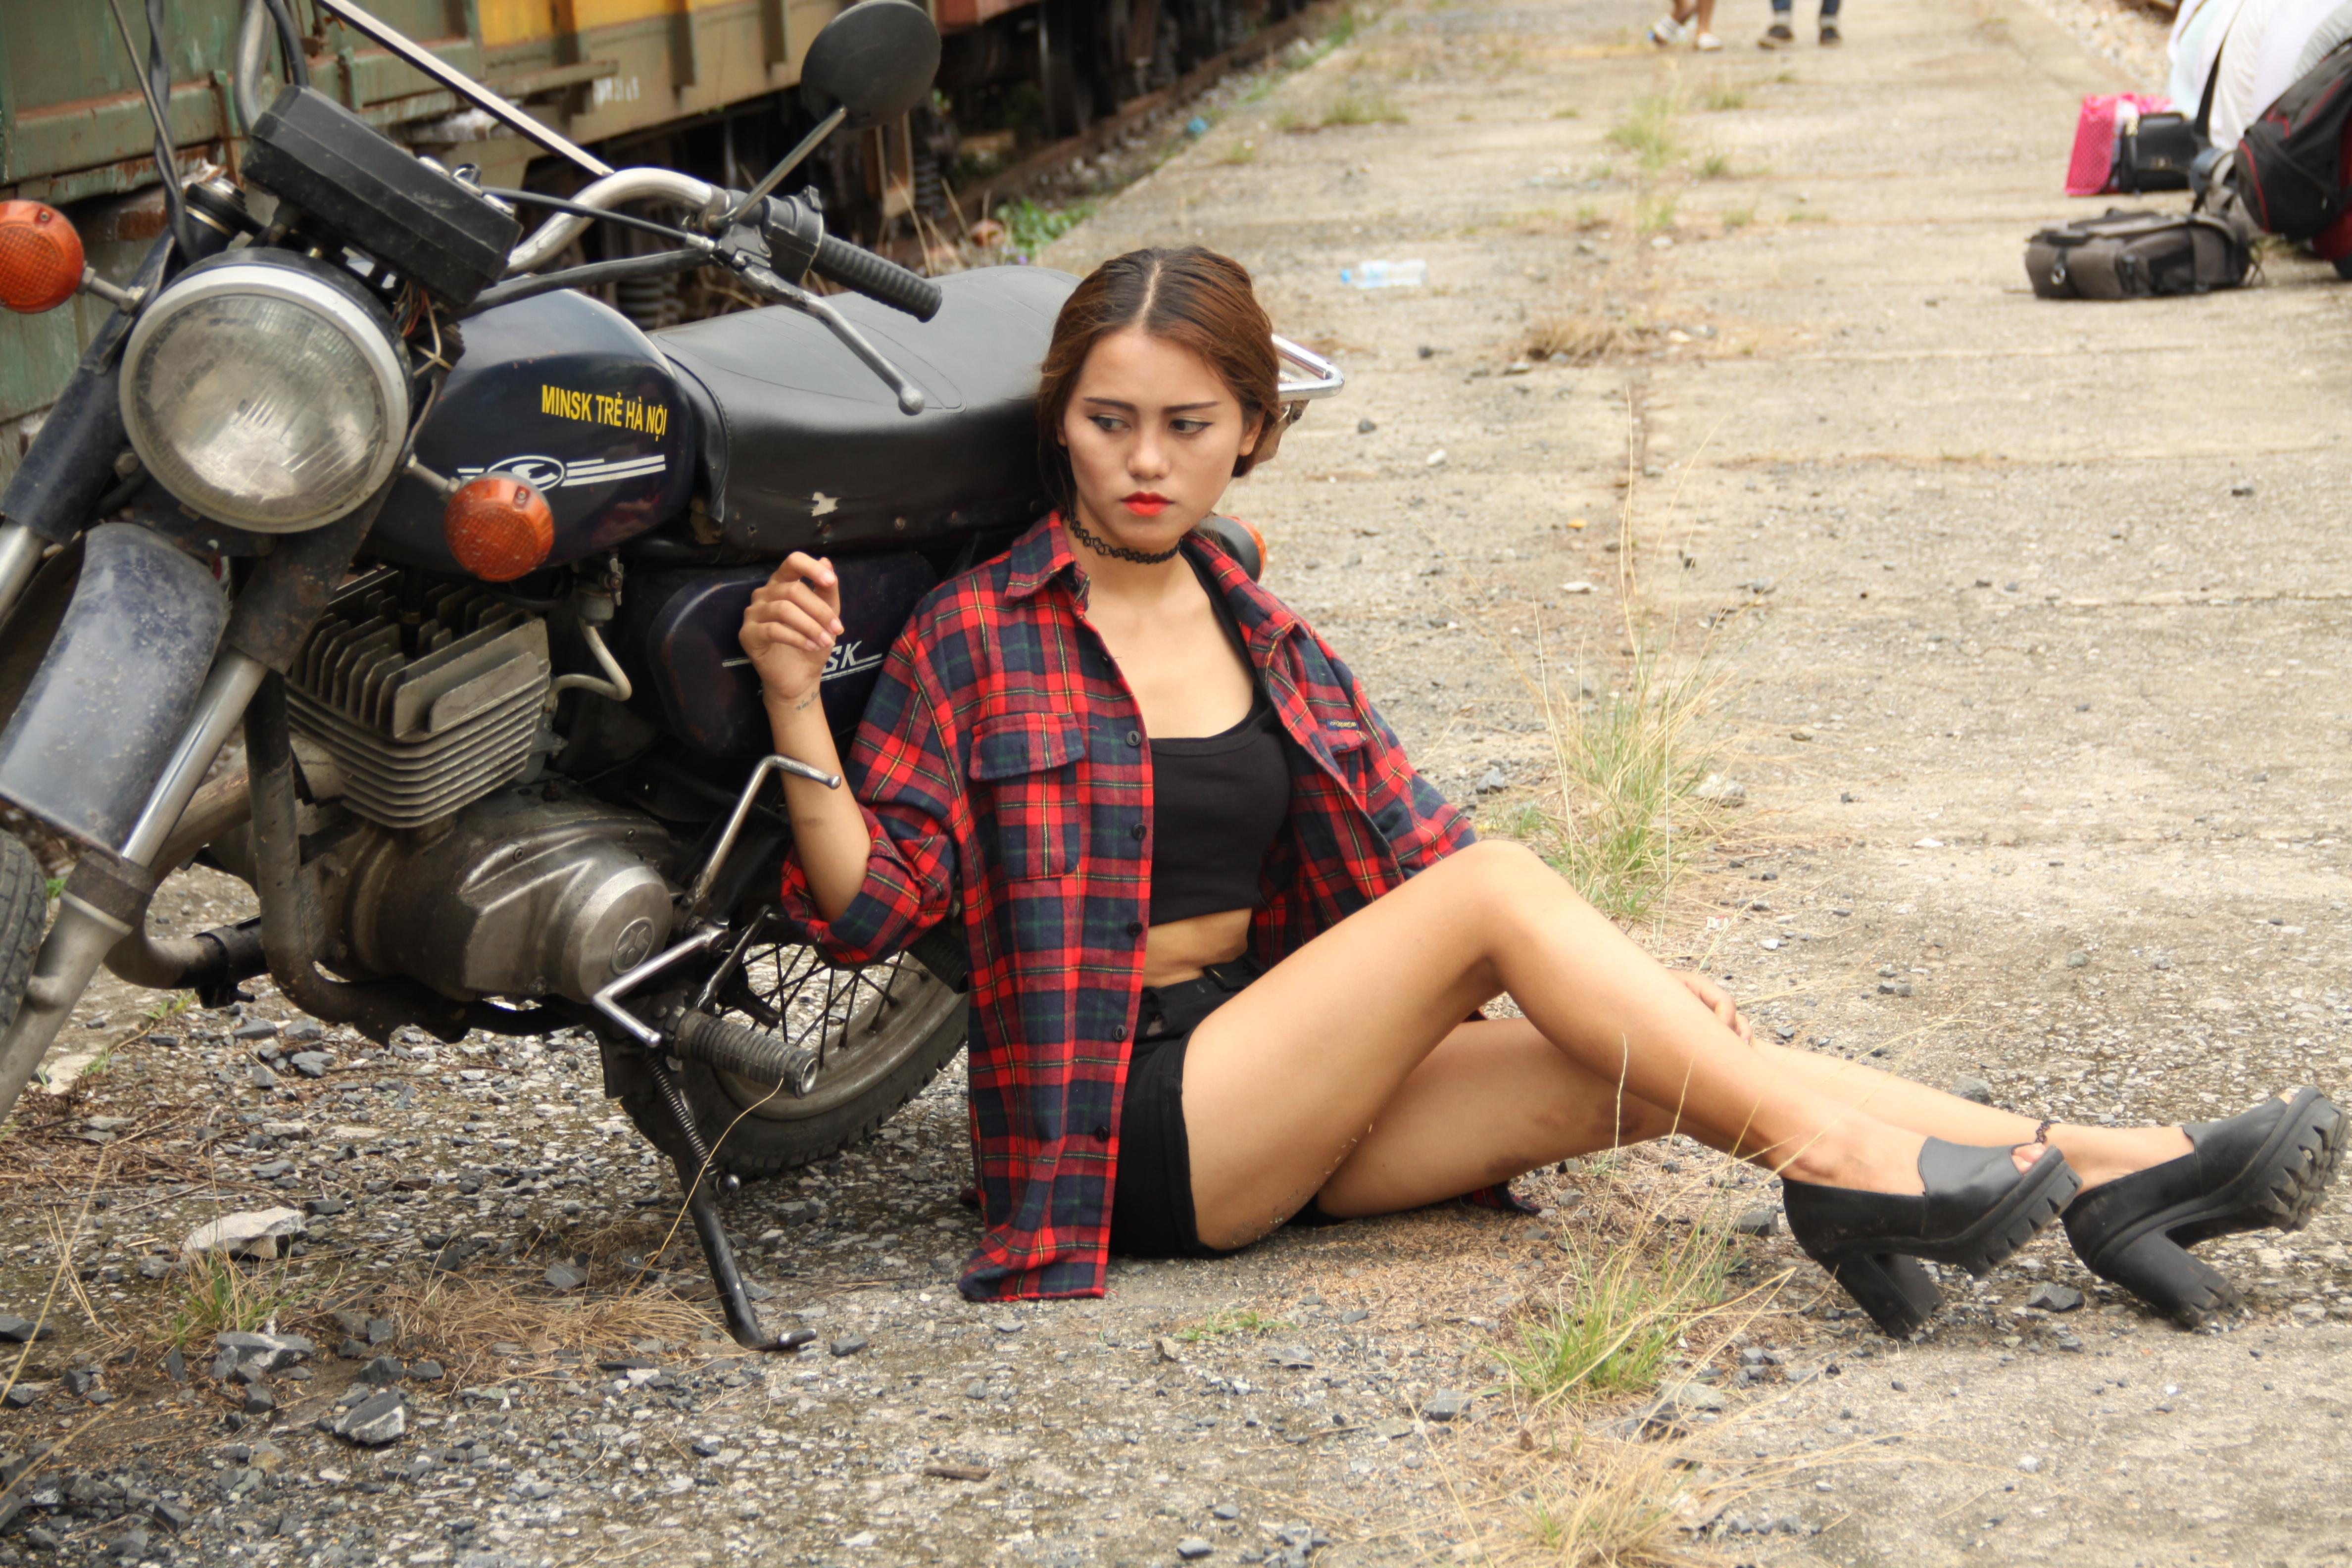 Brezplačna fotografija Photo Girl s kolesom - portret, poza, ženska - brezplačno prenesete - Jooinn-7333